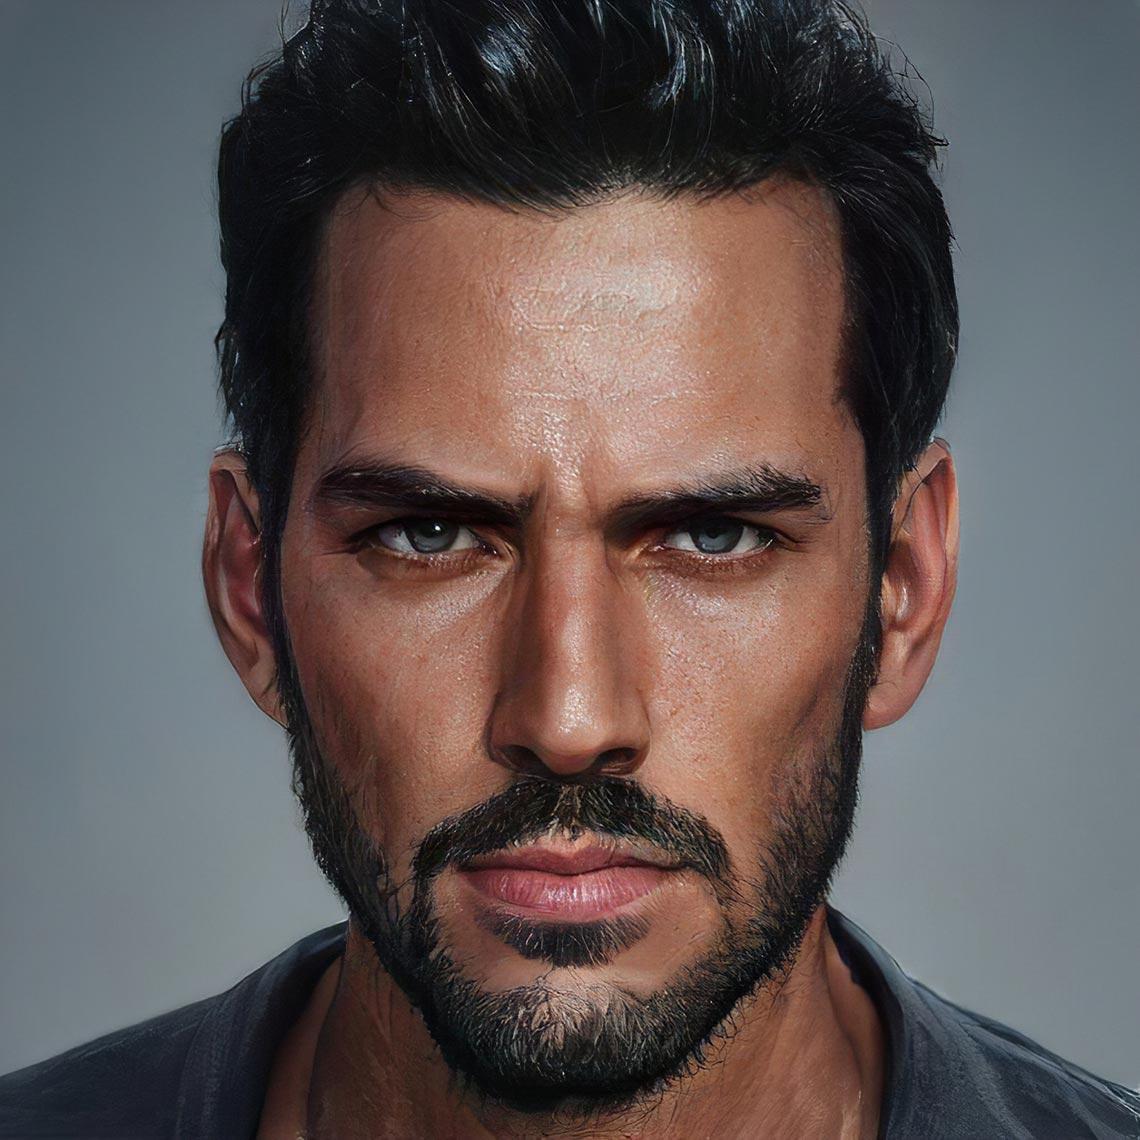 Портрет мужчины, сделанный с помощью нейросети Artbreeder